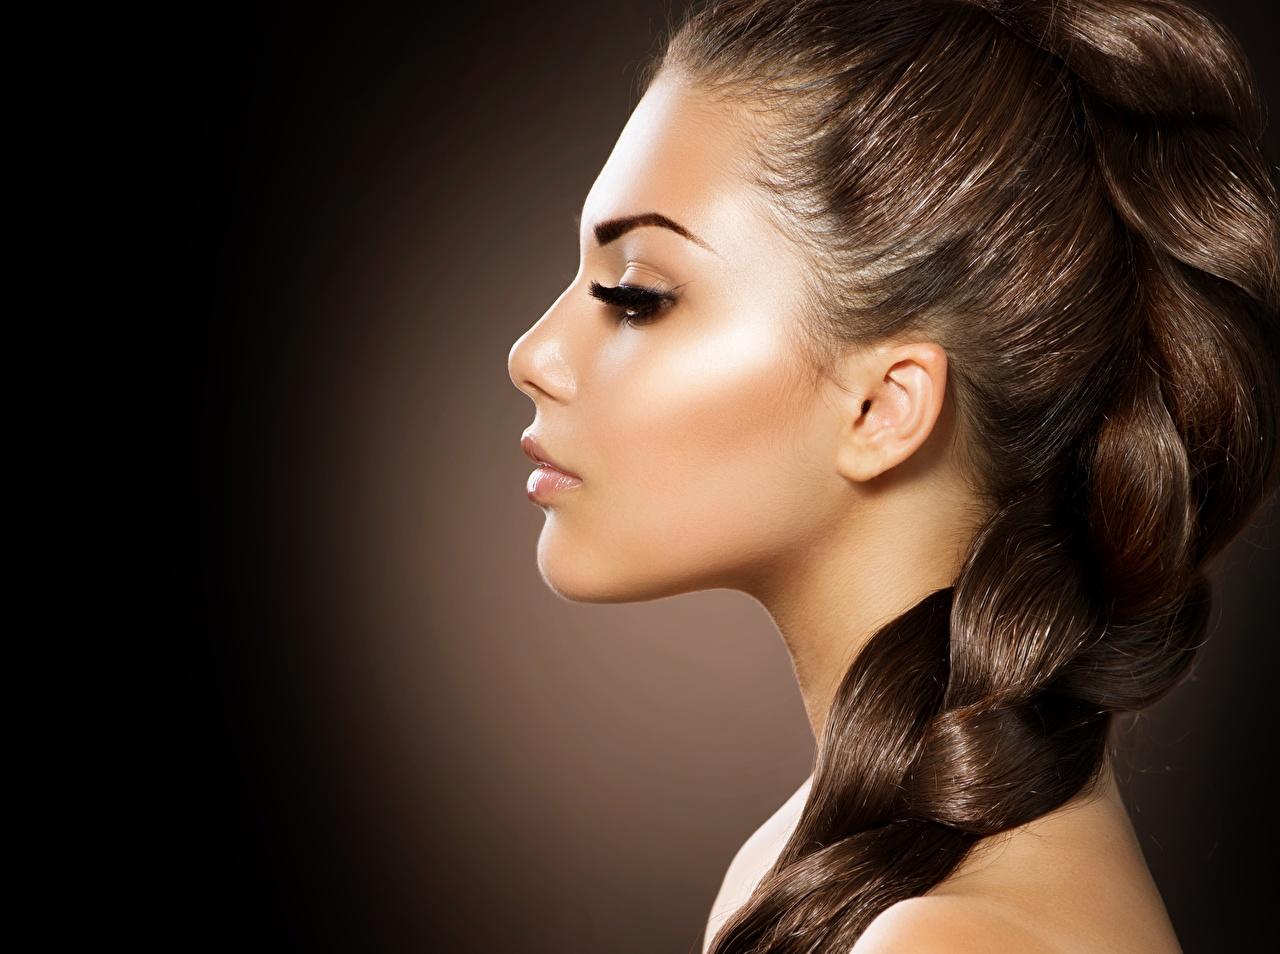 Фотография шатенки косы фотомодель Макияж красивый лица Волосы девушка Шатенка Коса Модель косички мейкап косметика на лице Красивые красивая Лицо волос Девушки молодые женщины молодая женщина